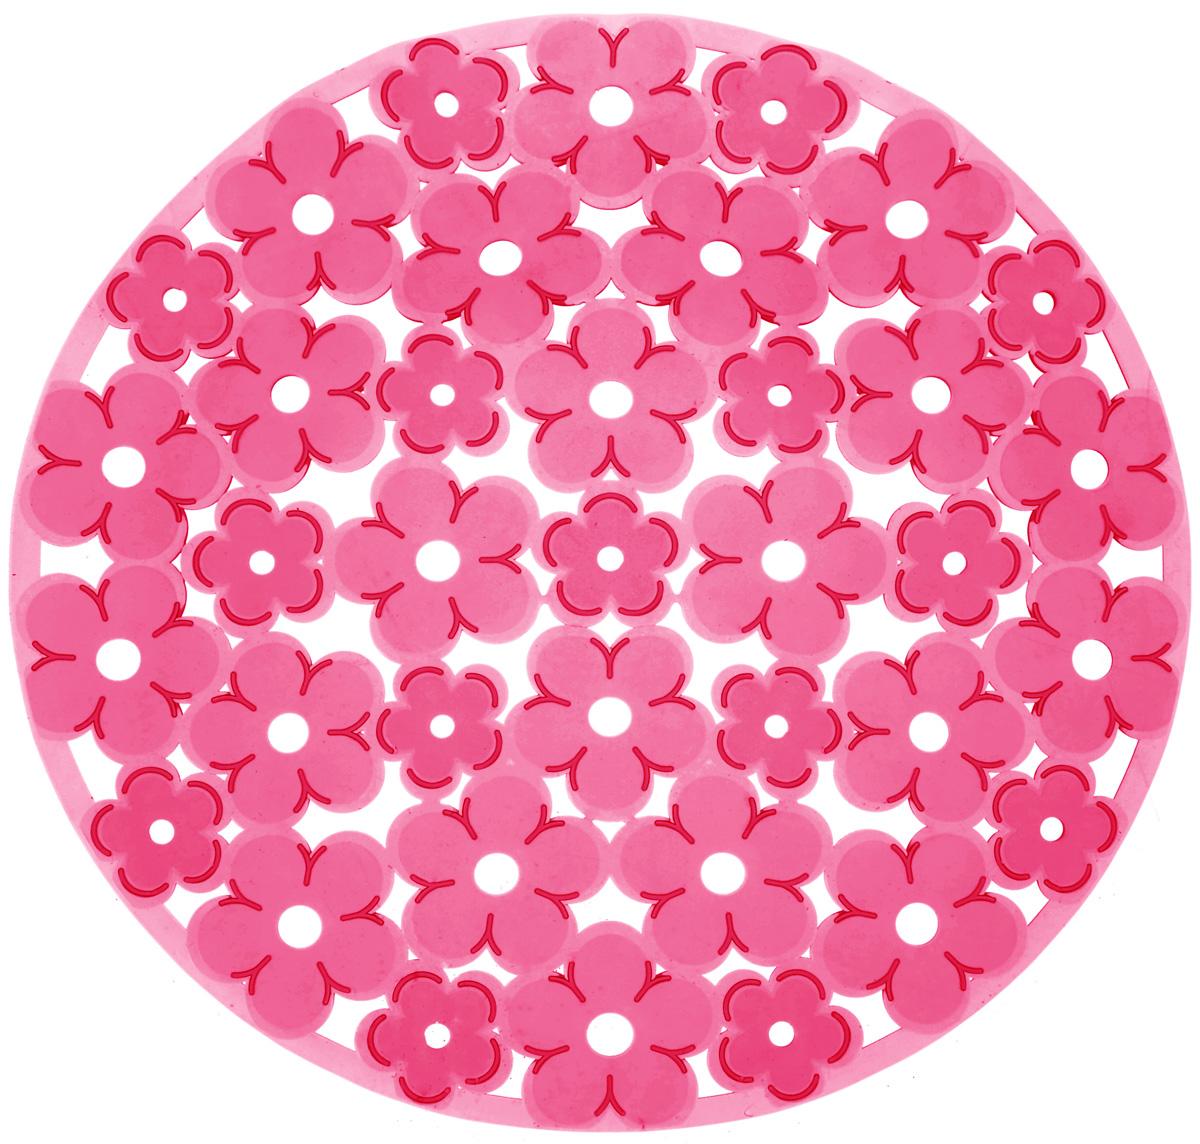 Коврик для раковины Metaltex, цвет: красный, диаметр 30 см28.75.37_красныйСтильный и удобный коврик для раковины Metaltex выполнен из ПВХ. Он одновременно выполняет несколько функций: украшает, предотвращает появление на раковине царапин и сколов, защищает посуду от повреждений при падении в раковину, удерживает мусор, попадание которого в слив приводит к засорам. Изделие также обладает противоскользящим эффектом и может использоваться в качестве подставки для сушки чистой посуды. Легко очищается от грязи и жира.Диаметр: 30 см.